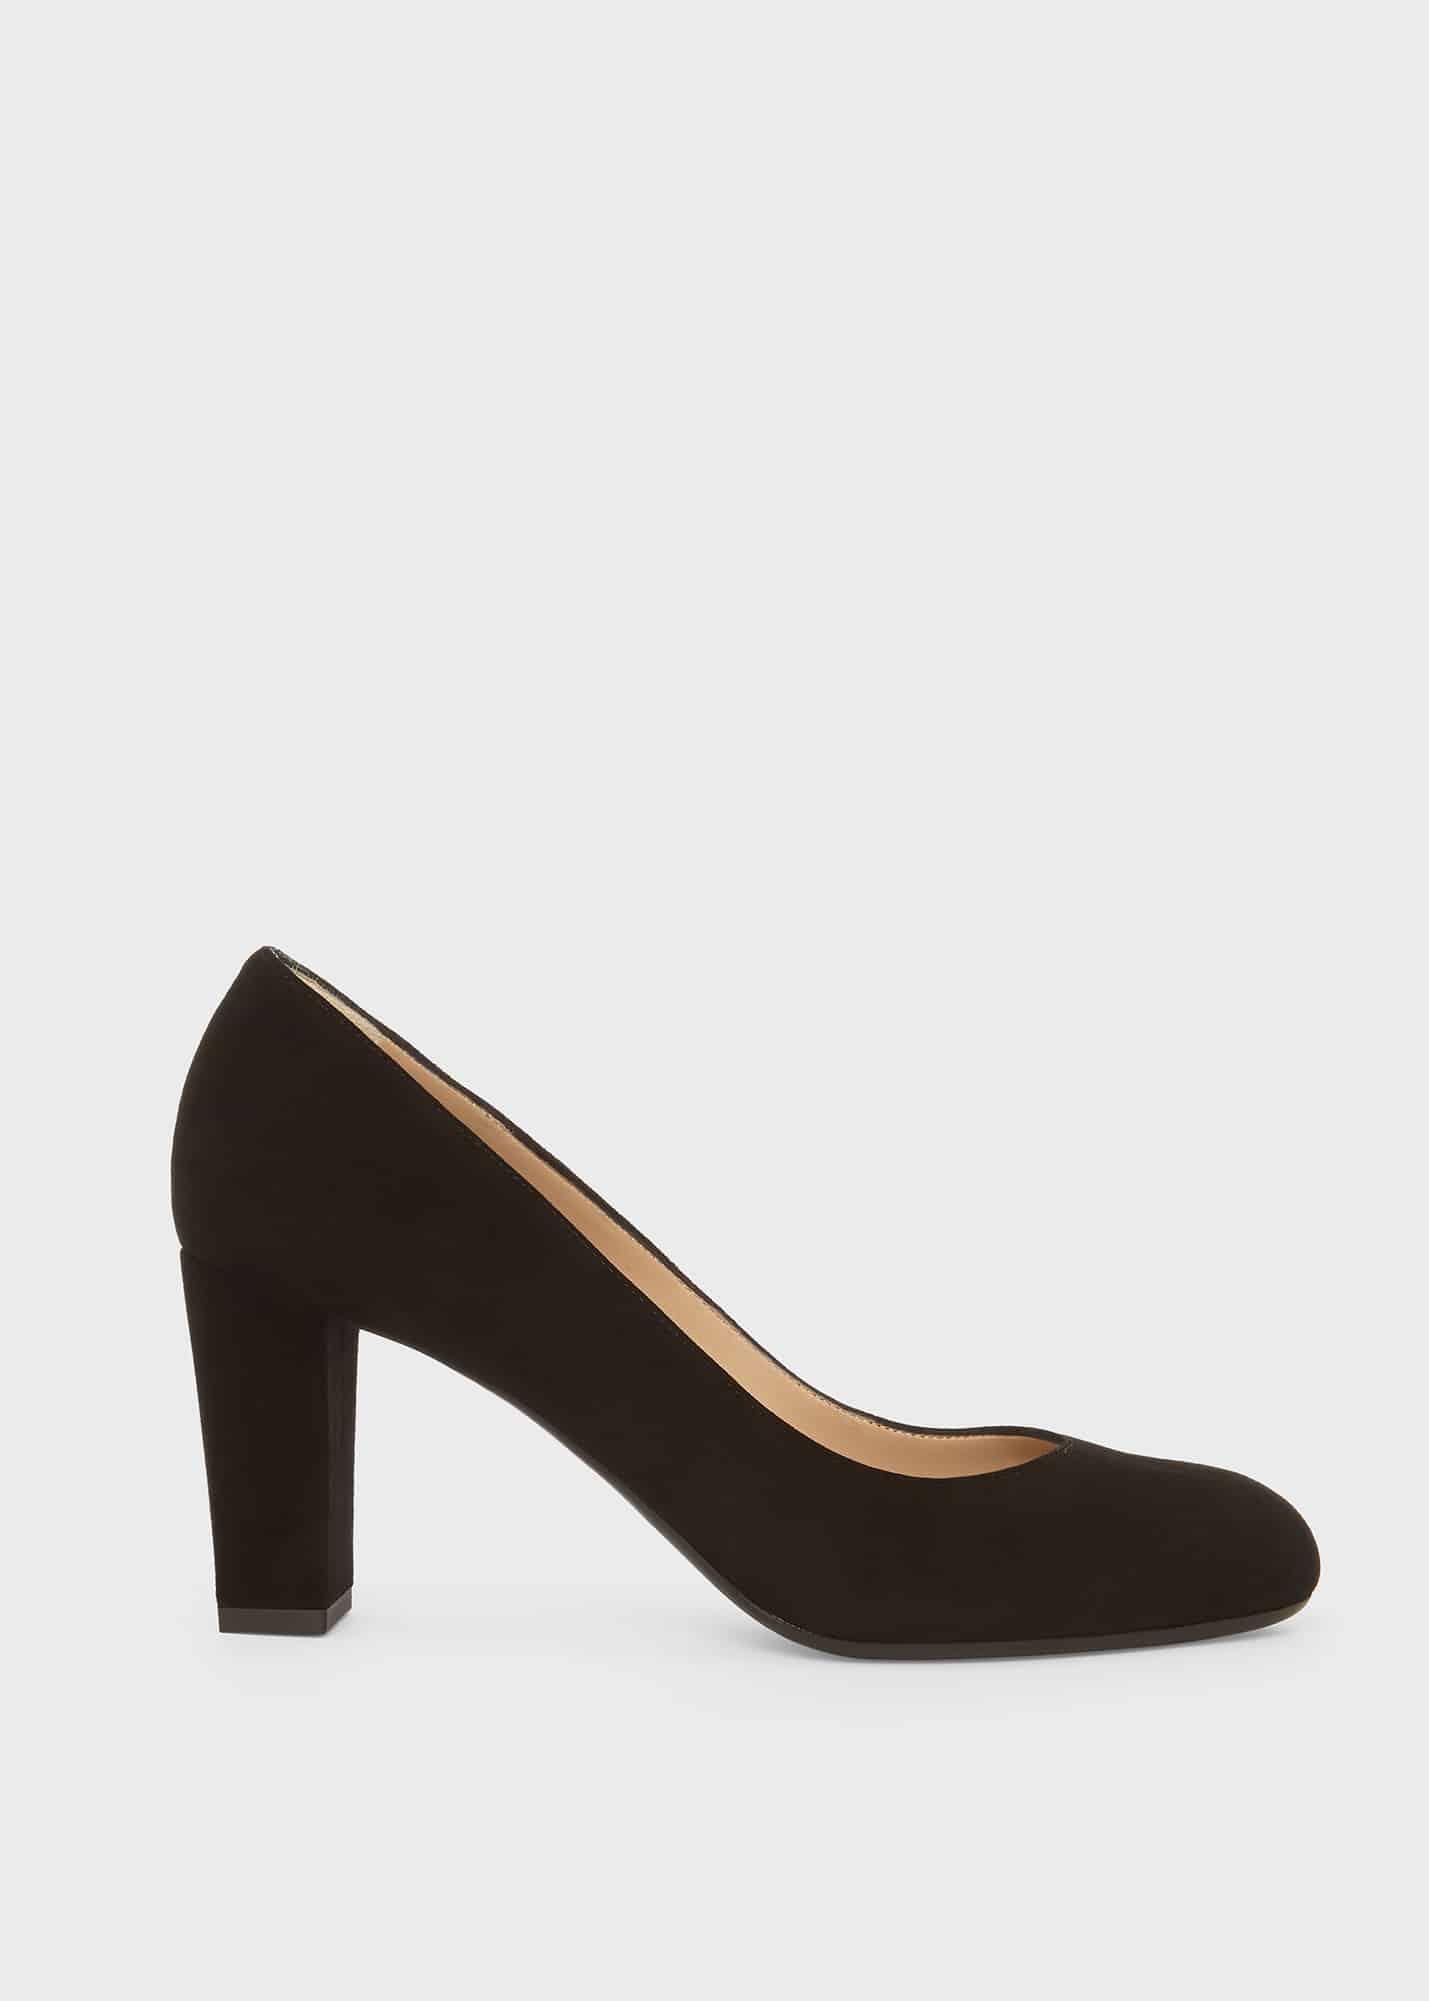 Hobbs Women Sonia Suede Block Heel Court Shoes